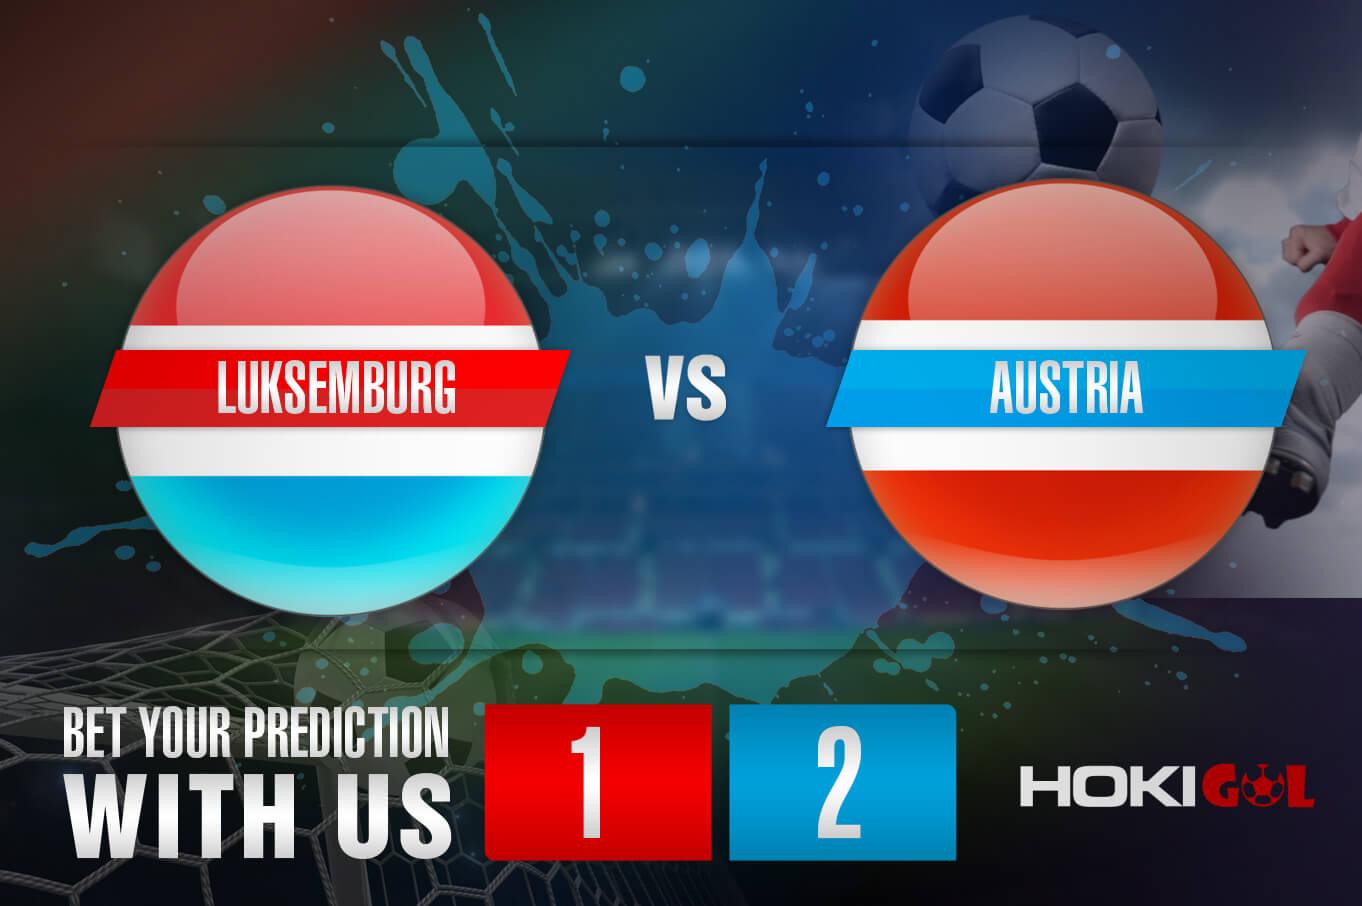 Prediksi Bola Luksemburg Vs Austria 12 November 2020 (1)